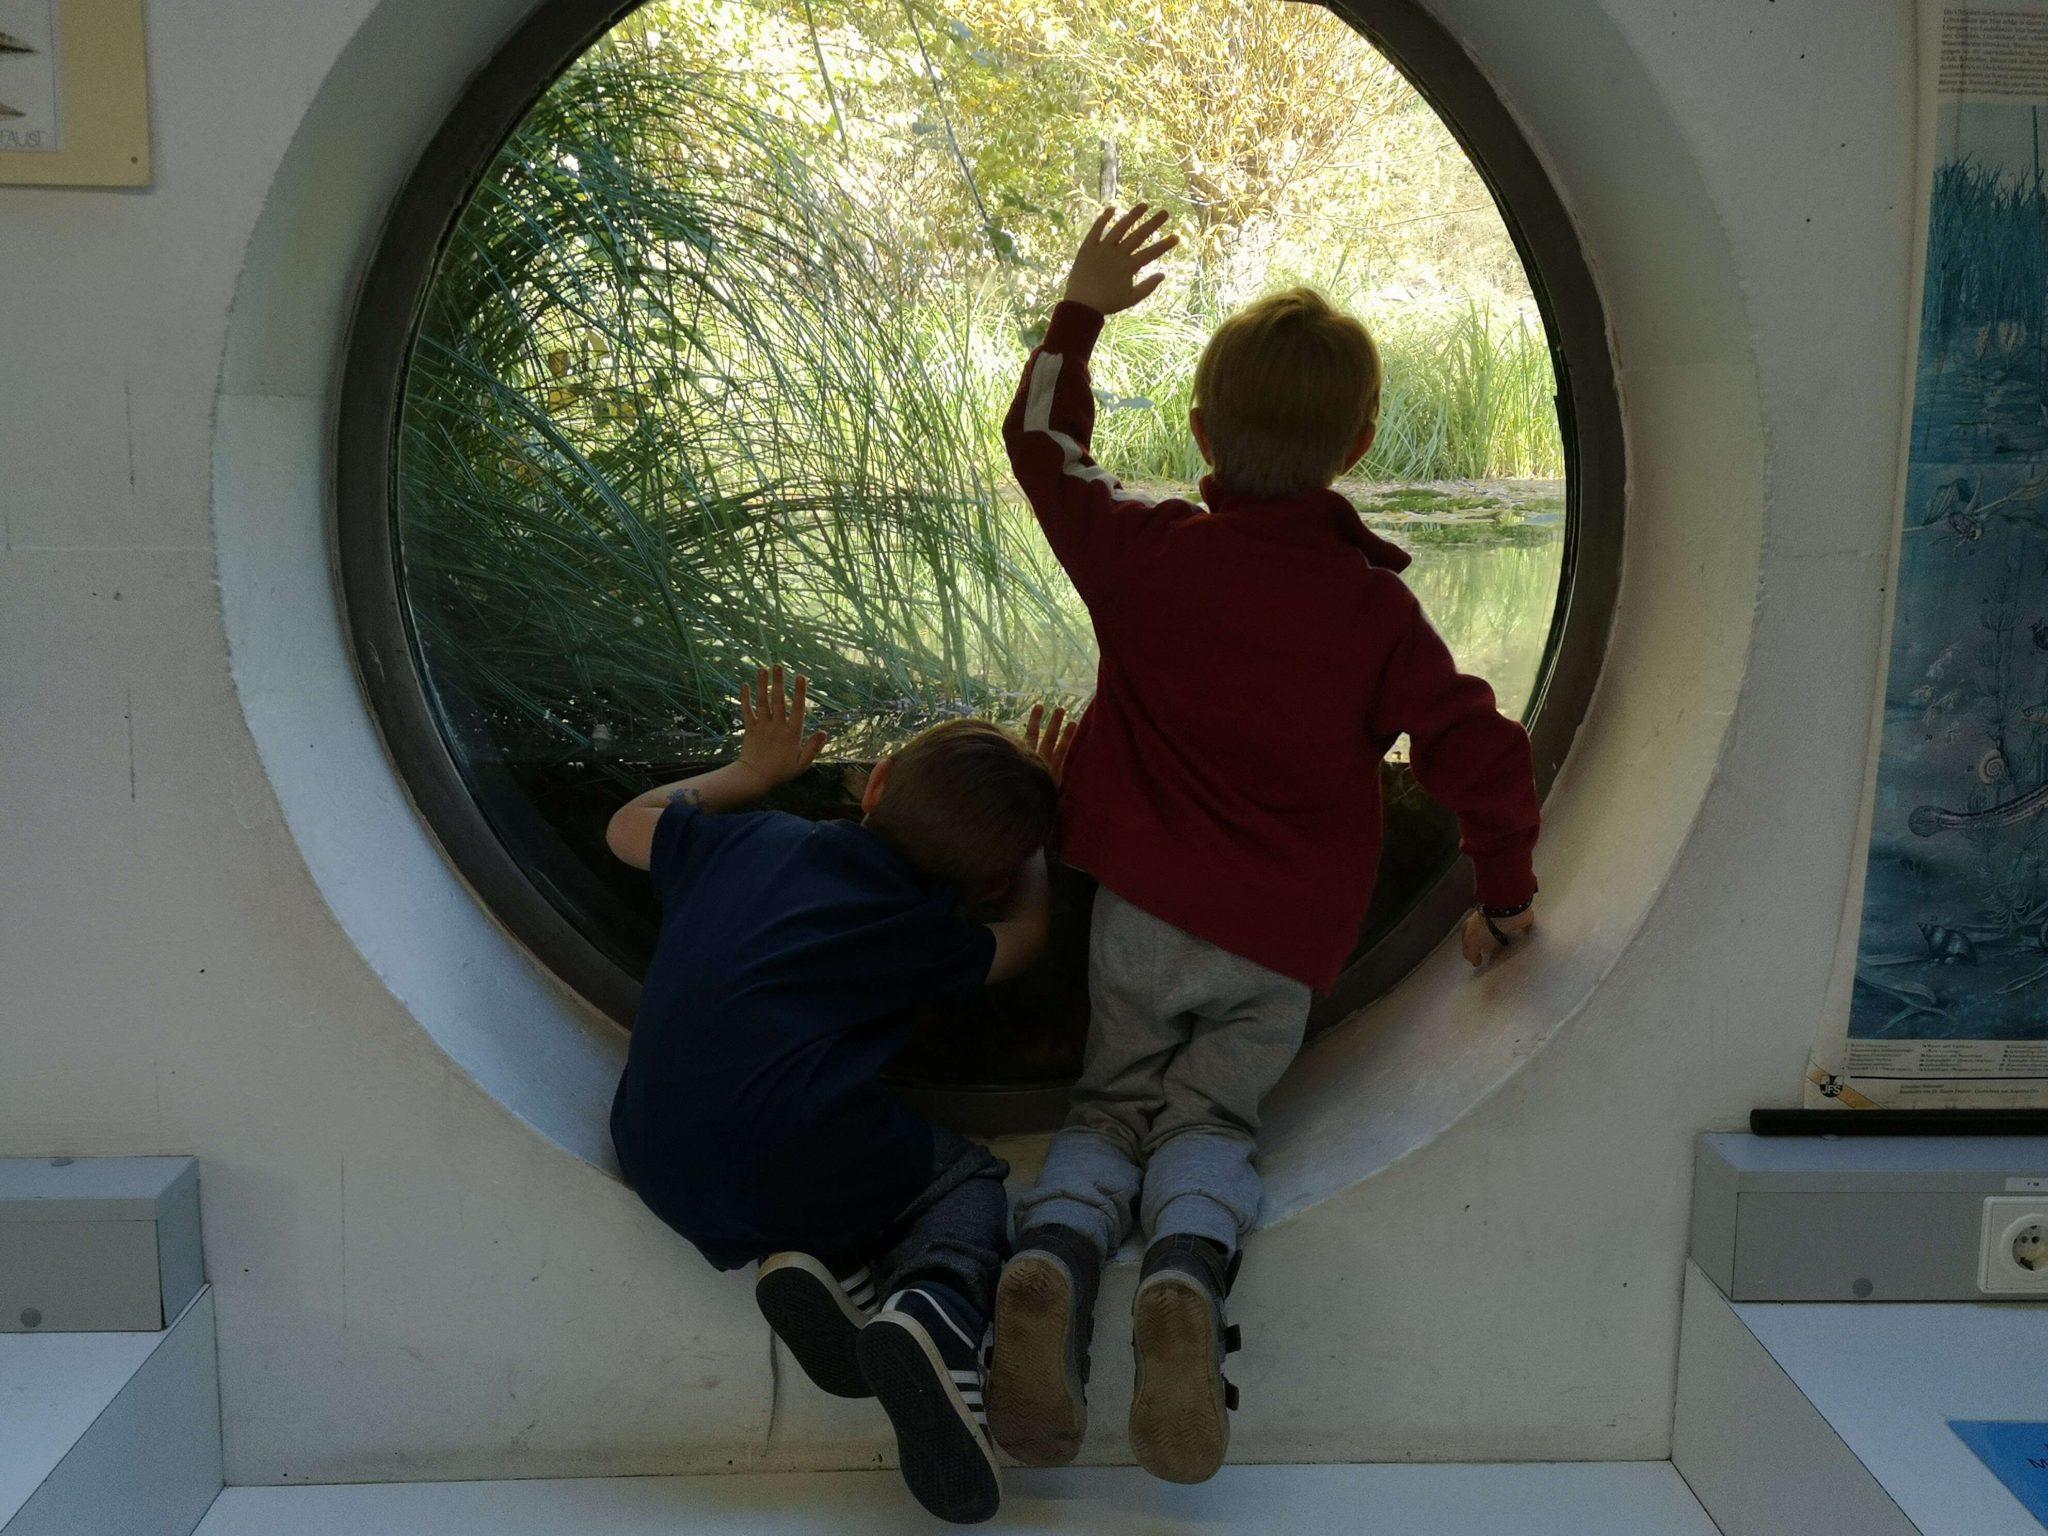 Durch das Bullauge können die Jungs den Teich und seine Bewohner sehr gut beobachten - Frankfurt mit Kids